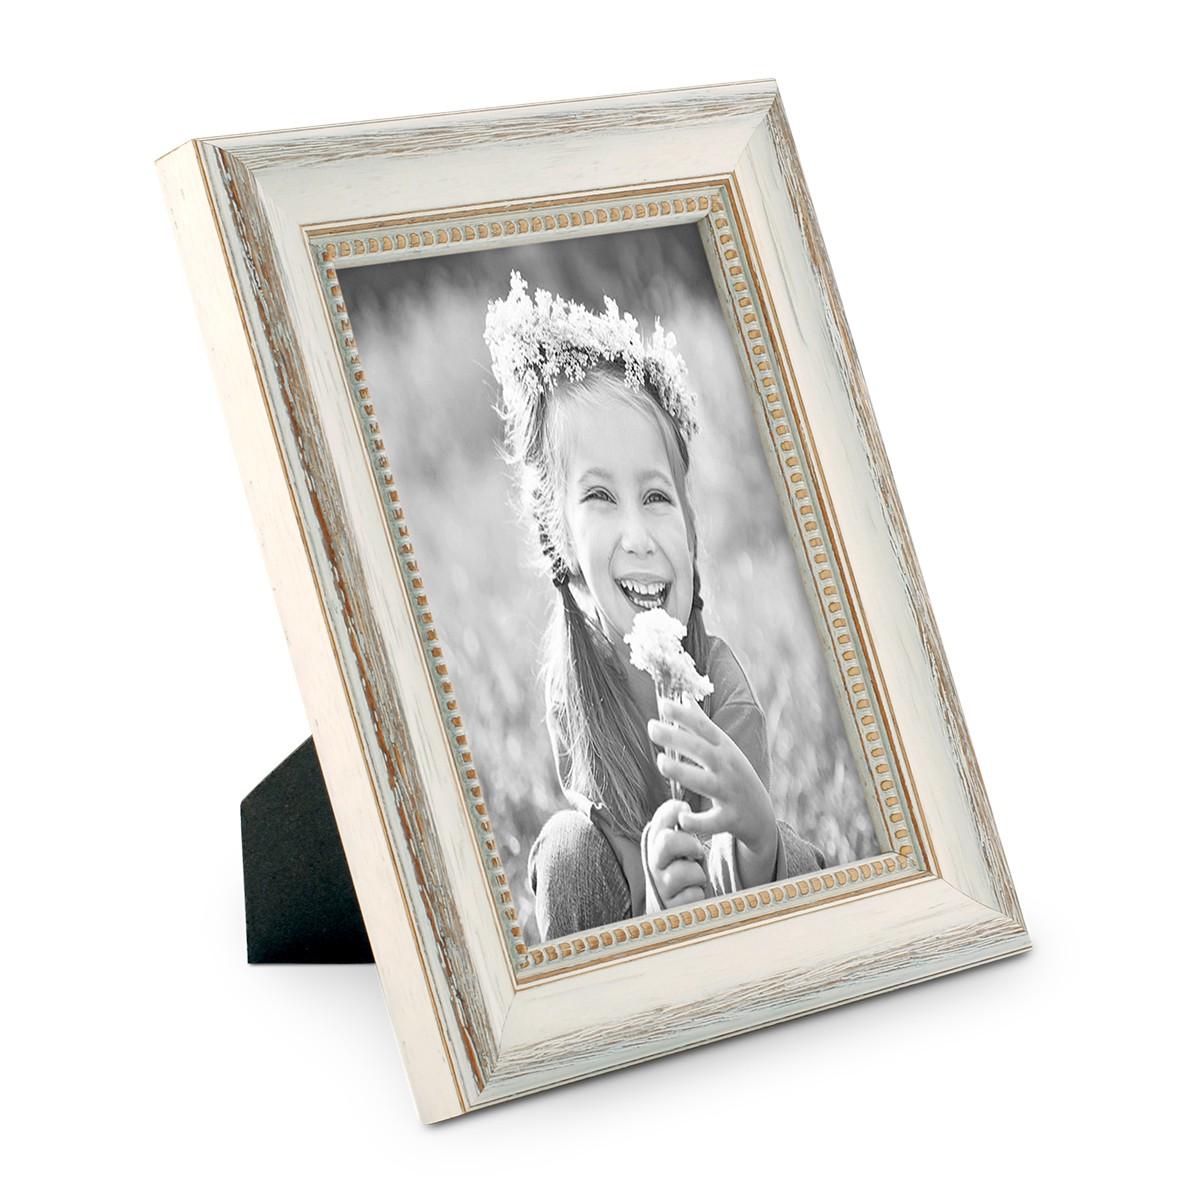 Bilderrahmen Shabby-Chic Landhaus-Stil Weiss 18x24 cm Massivholz mit ...